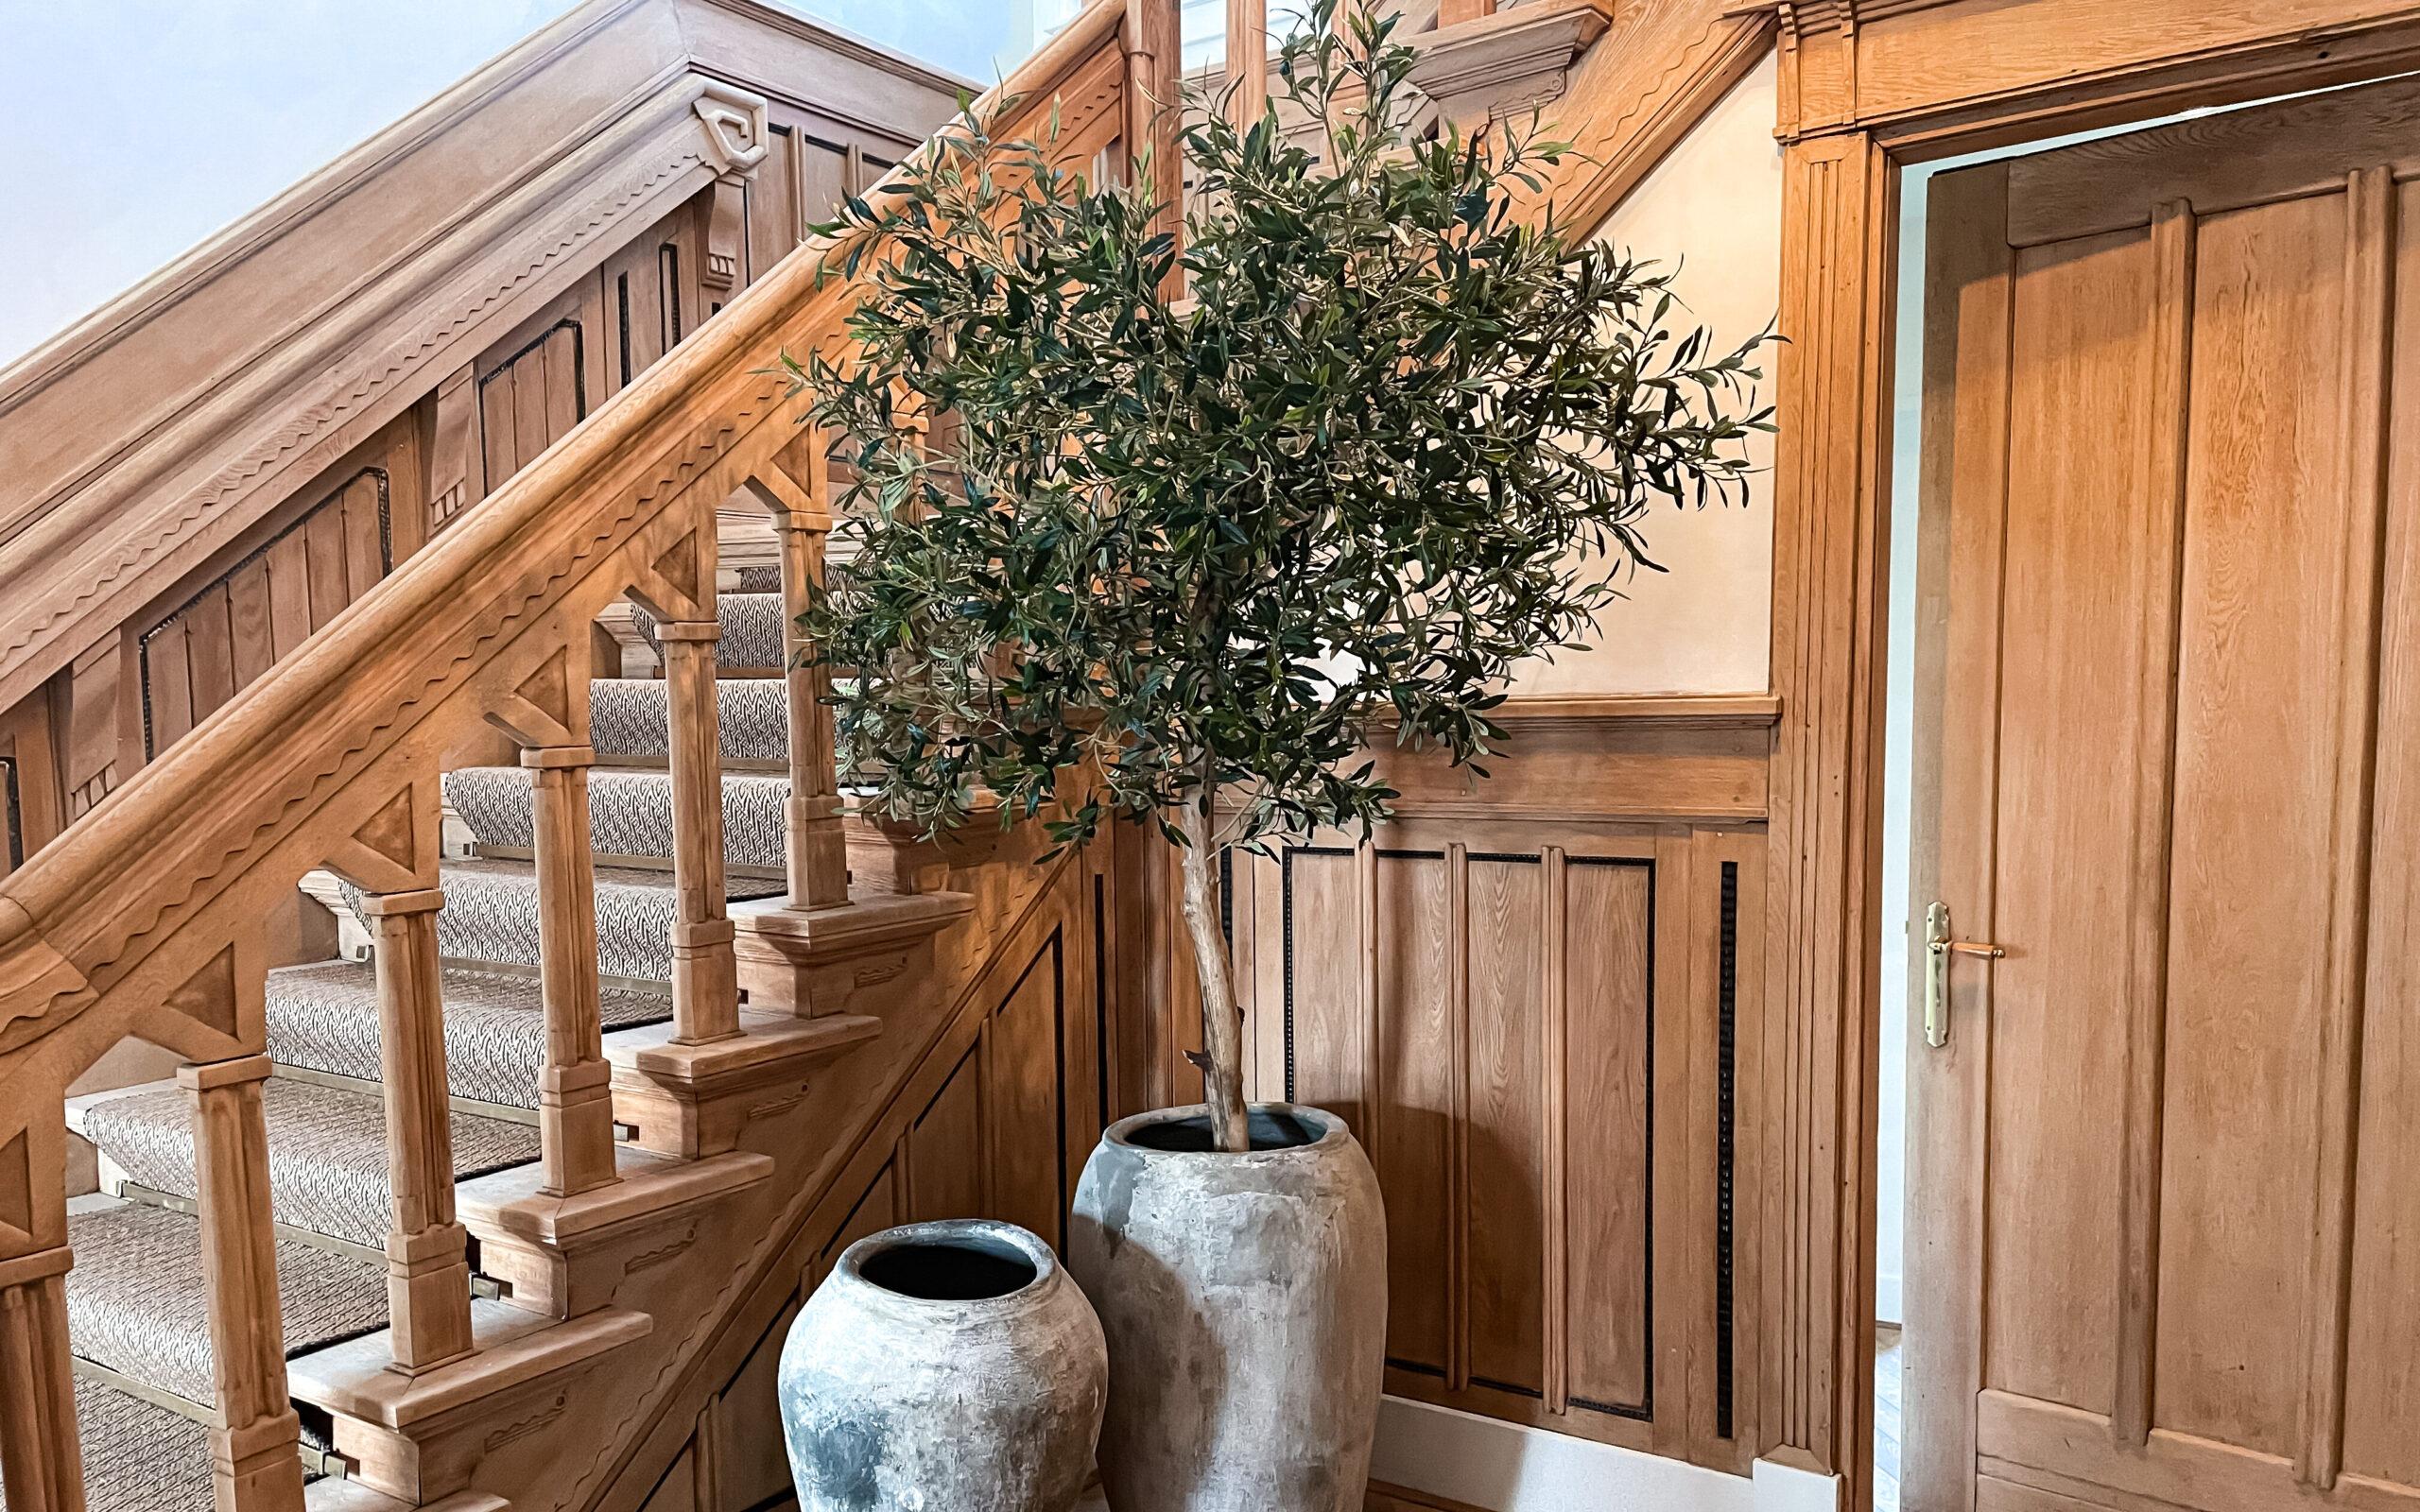 kunst olijfboom groot kunstboom op mat kunstbomen groot laten maken binnen bomen interieurboom